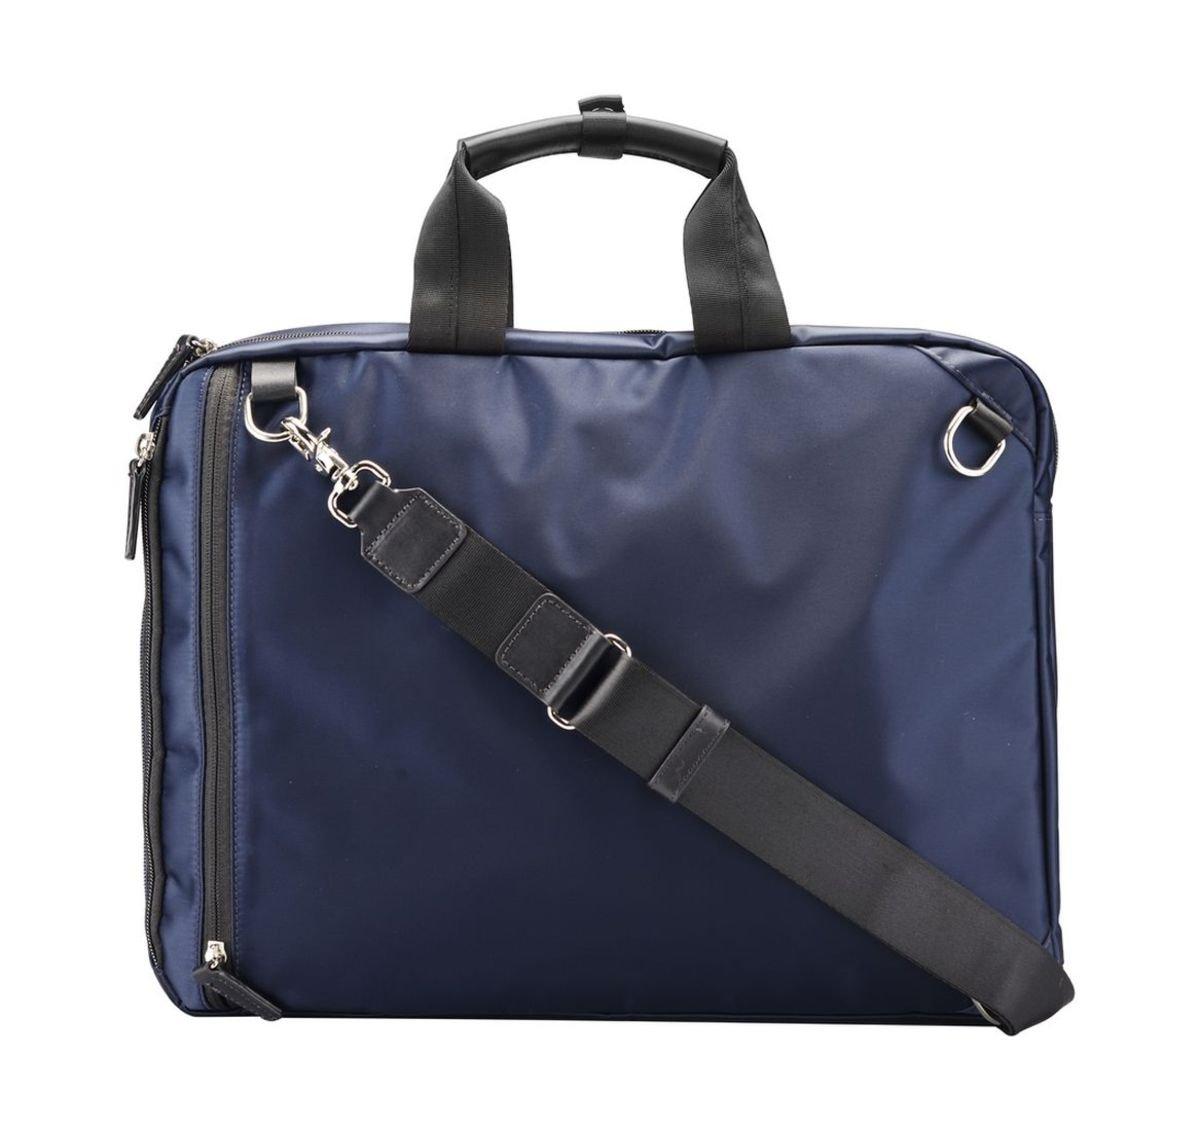 多功能飛行員袋 (海軍藍色)